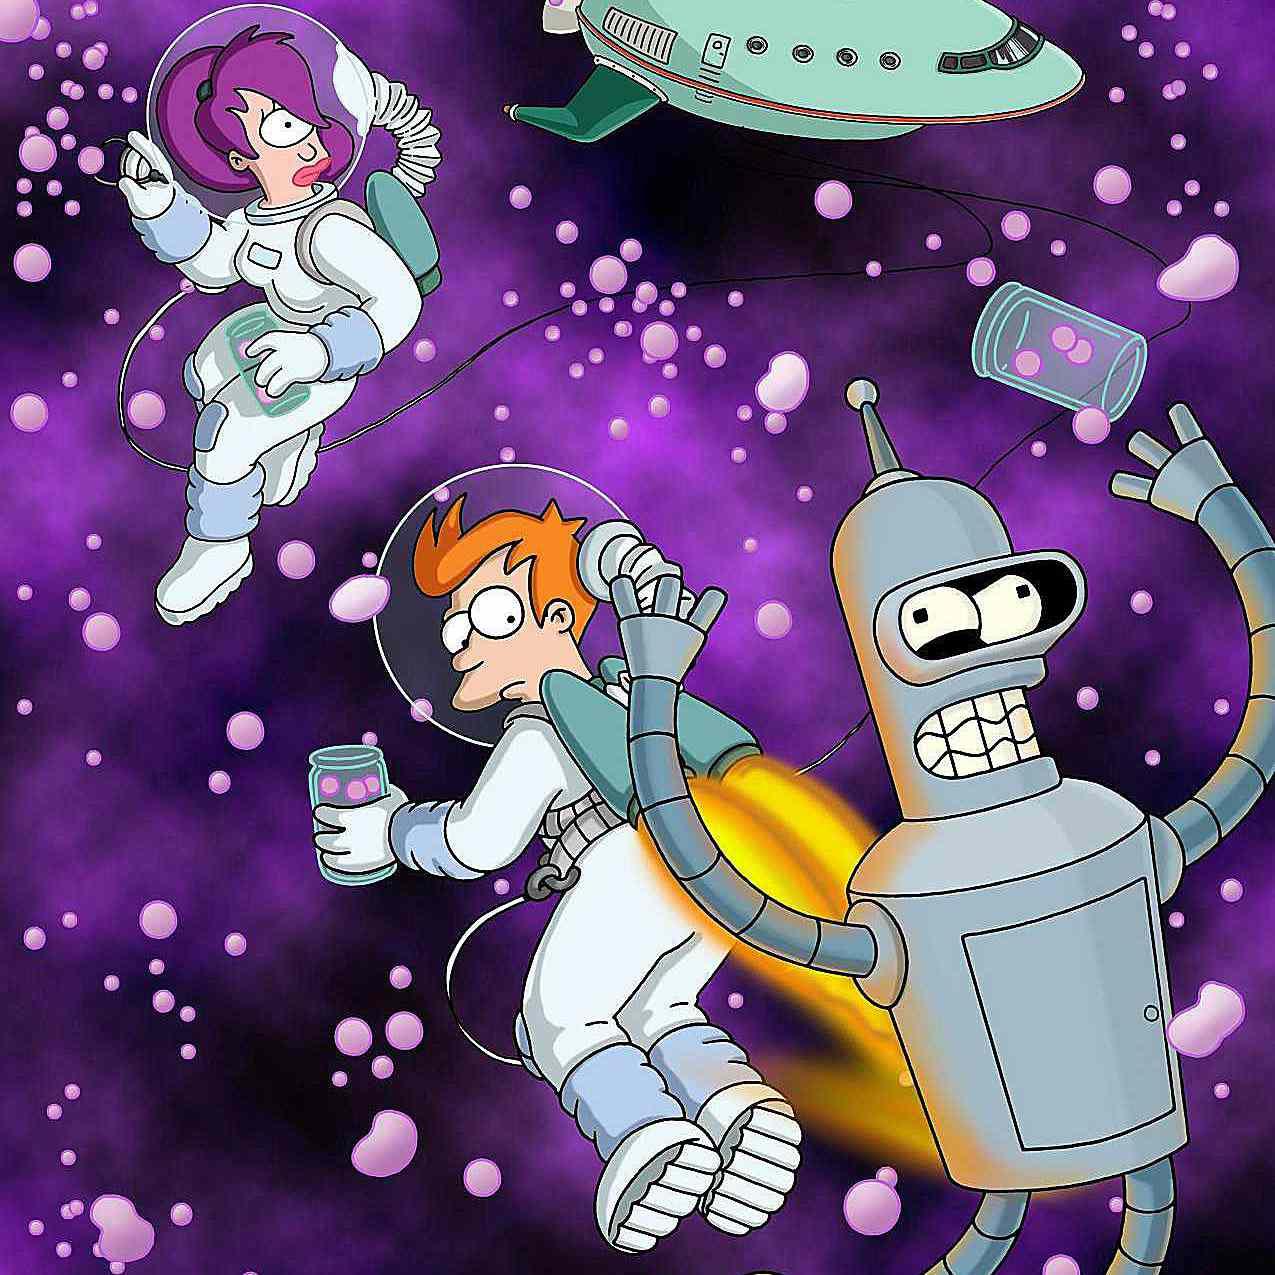 Futurama - Leela, Fry, Bender in Space